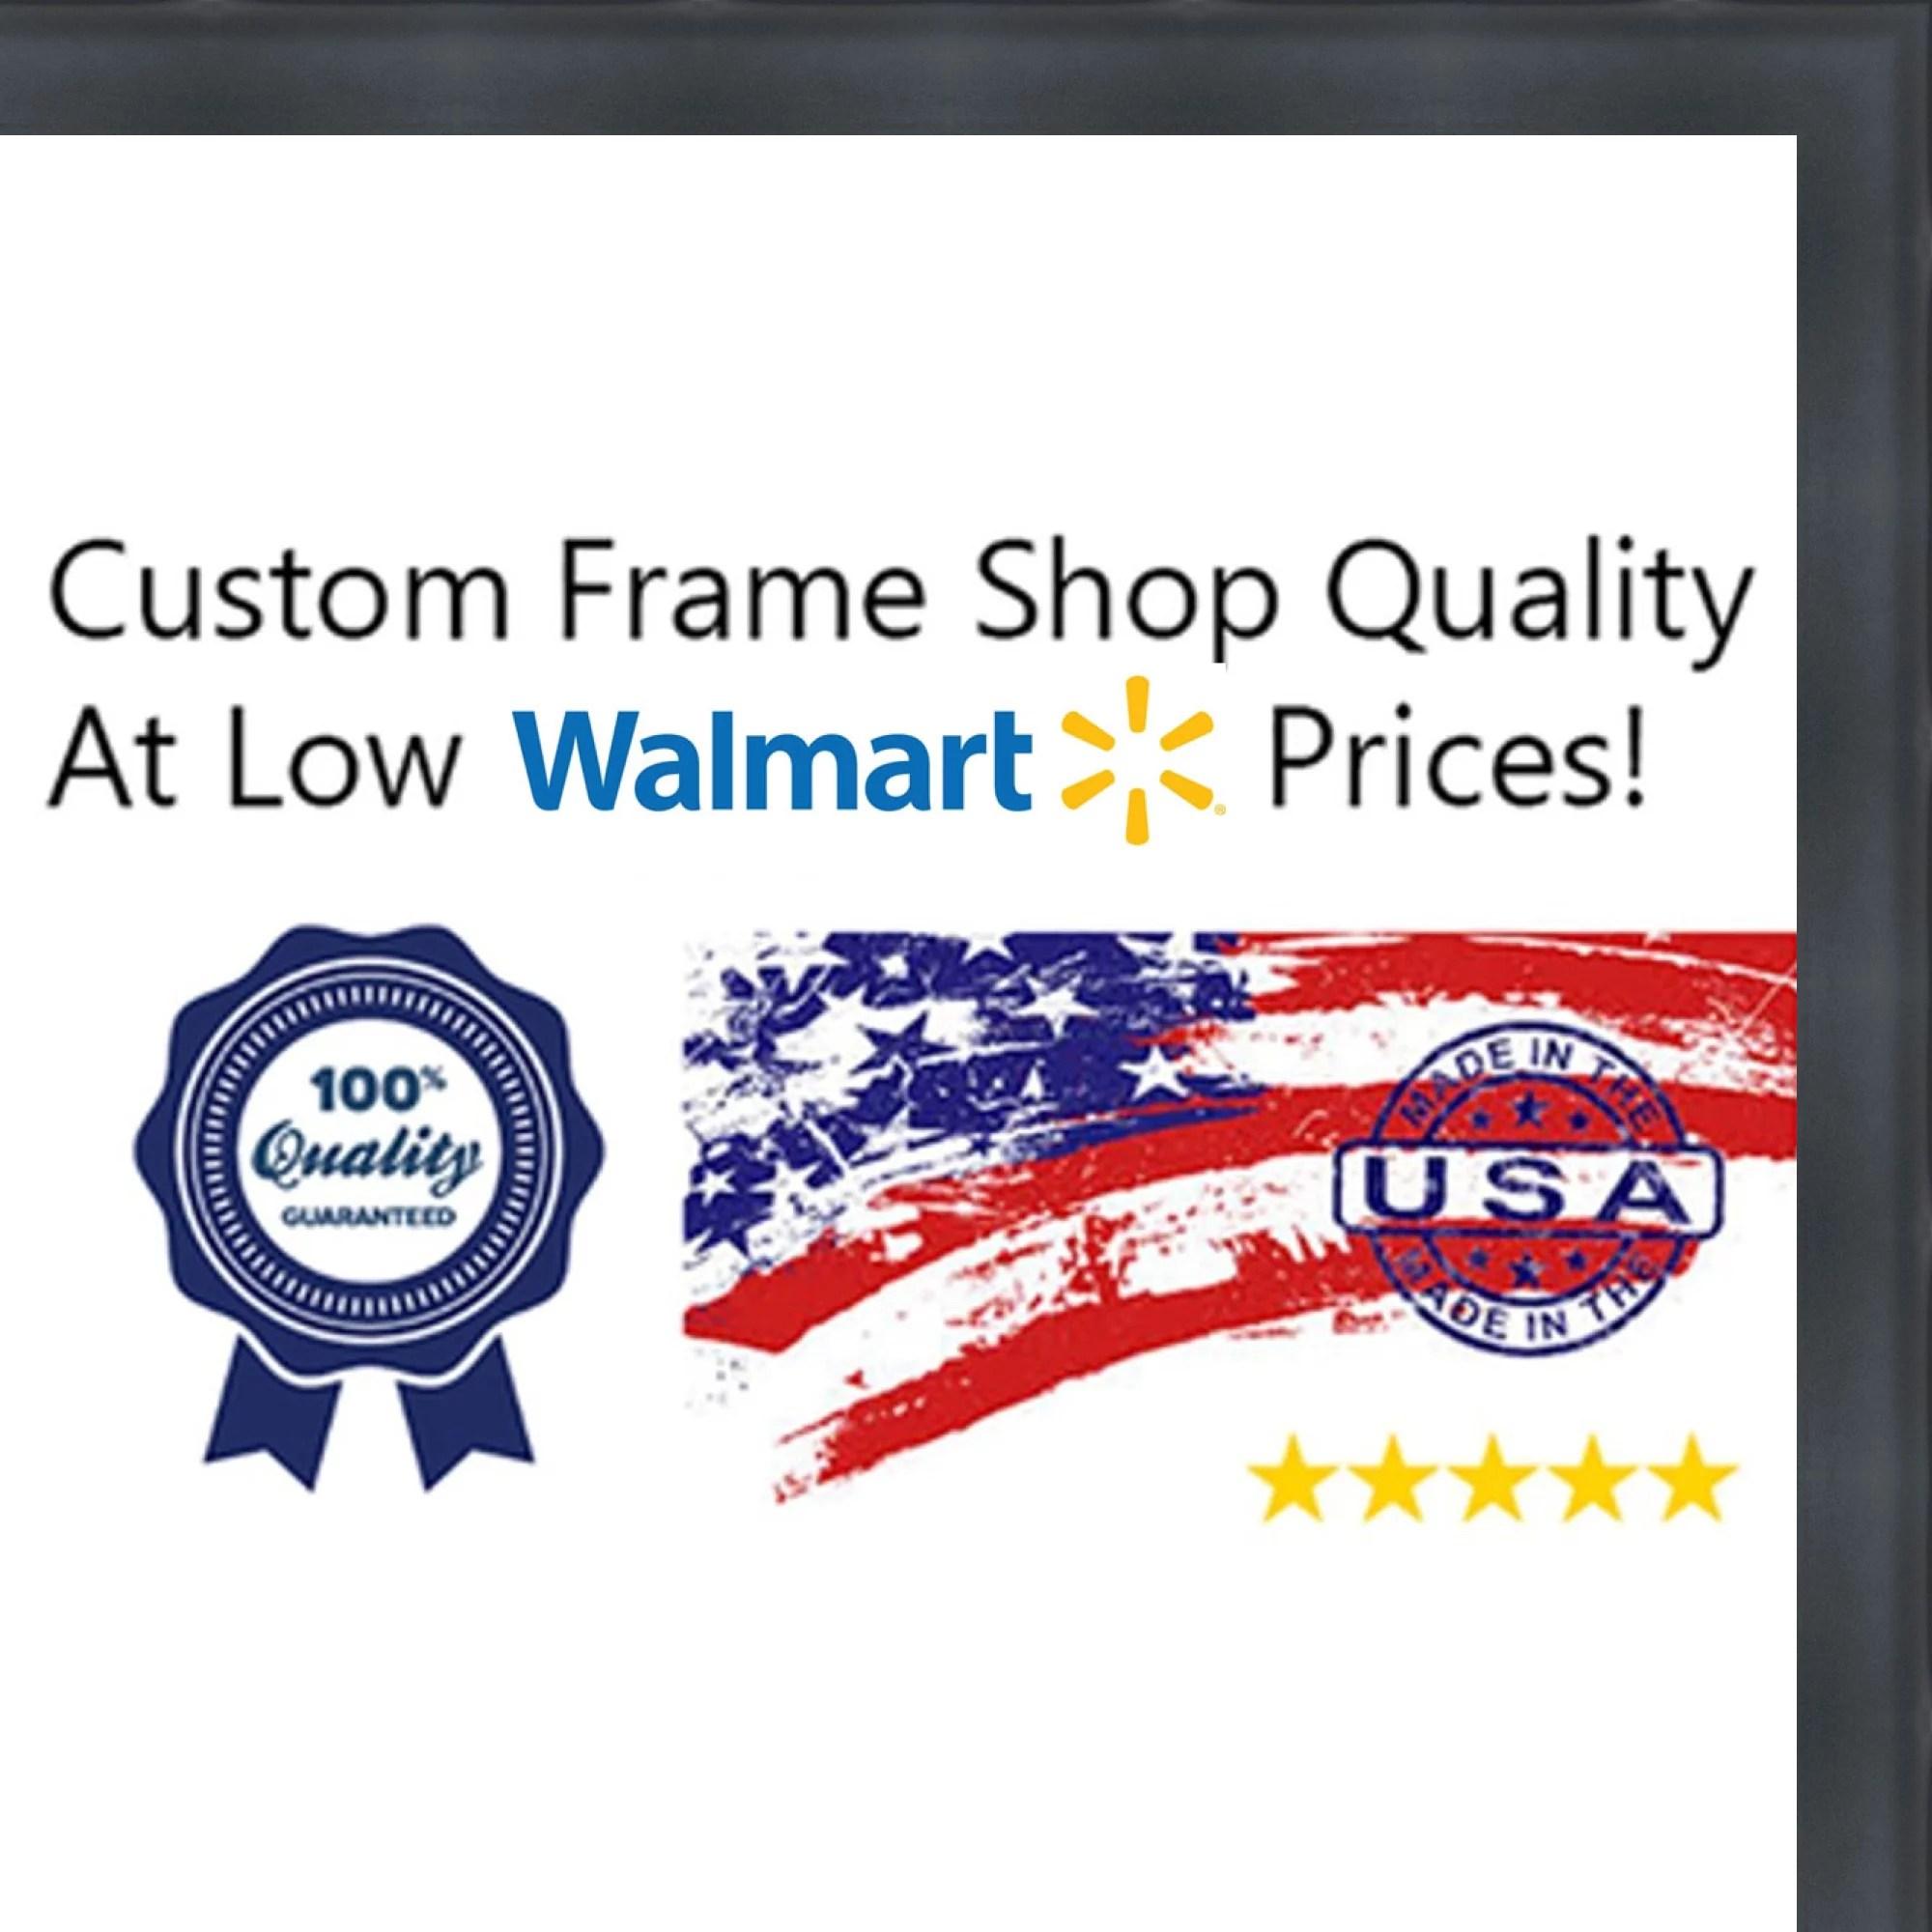 8x10 8 x 10 2 inch deep shadow box custom size solid wood frame with uv framer s acrylic foam board backing g